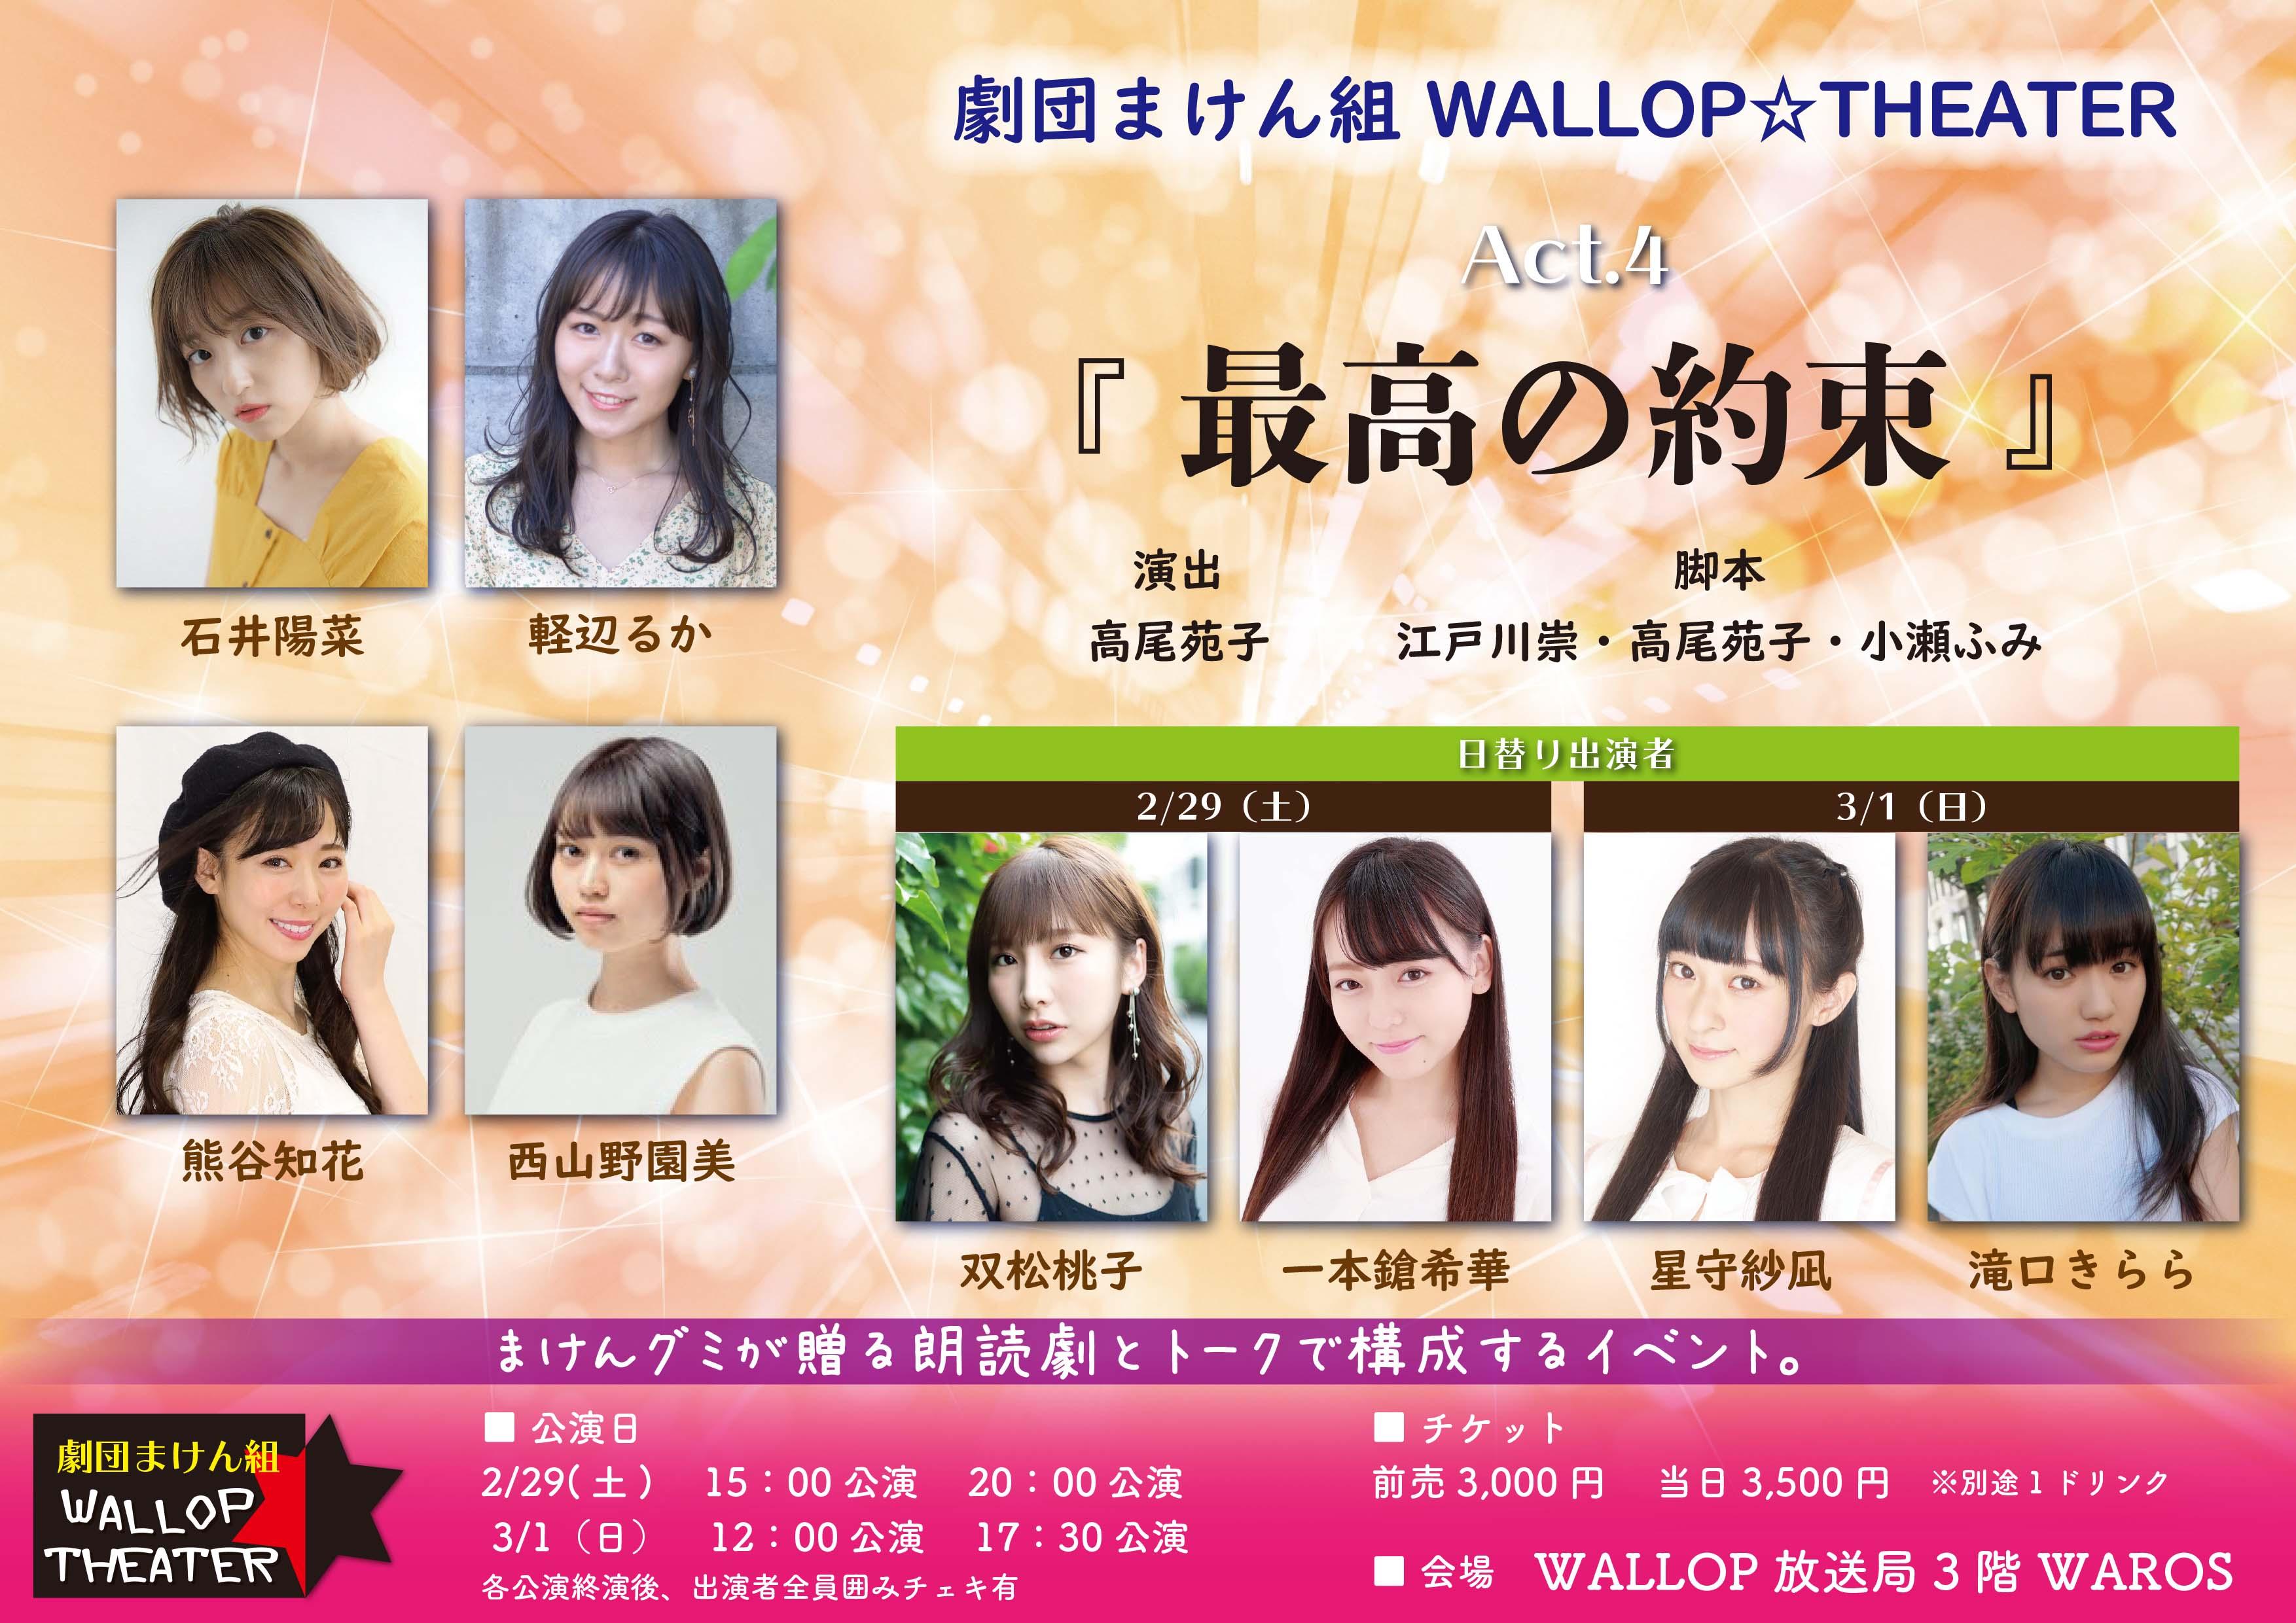 劇団まけん組 WALLOP☆THEATER 『最高の約束』